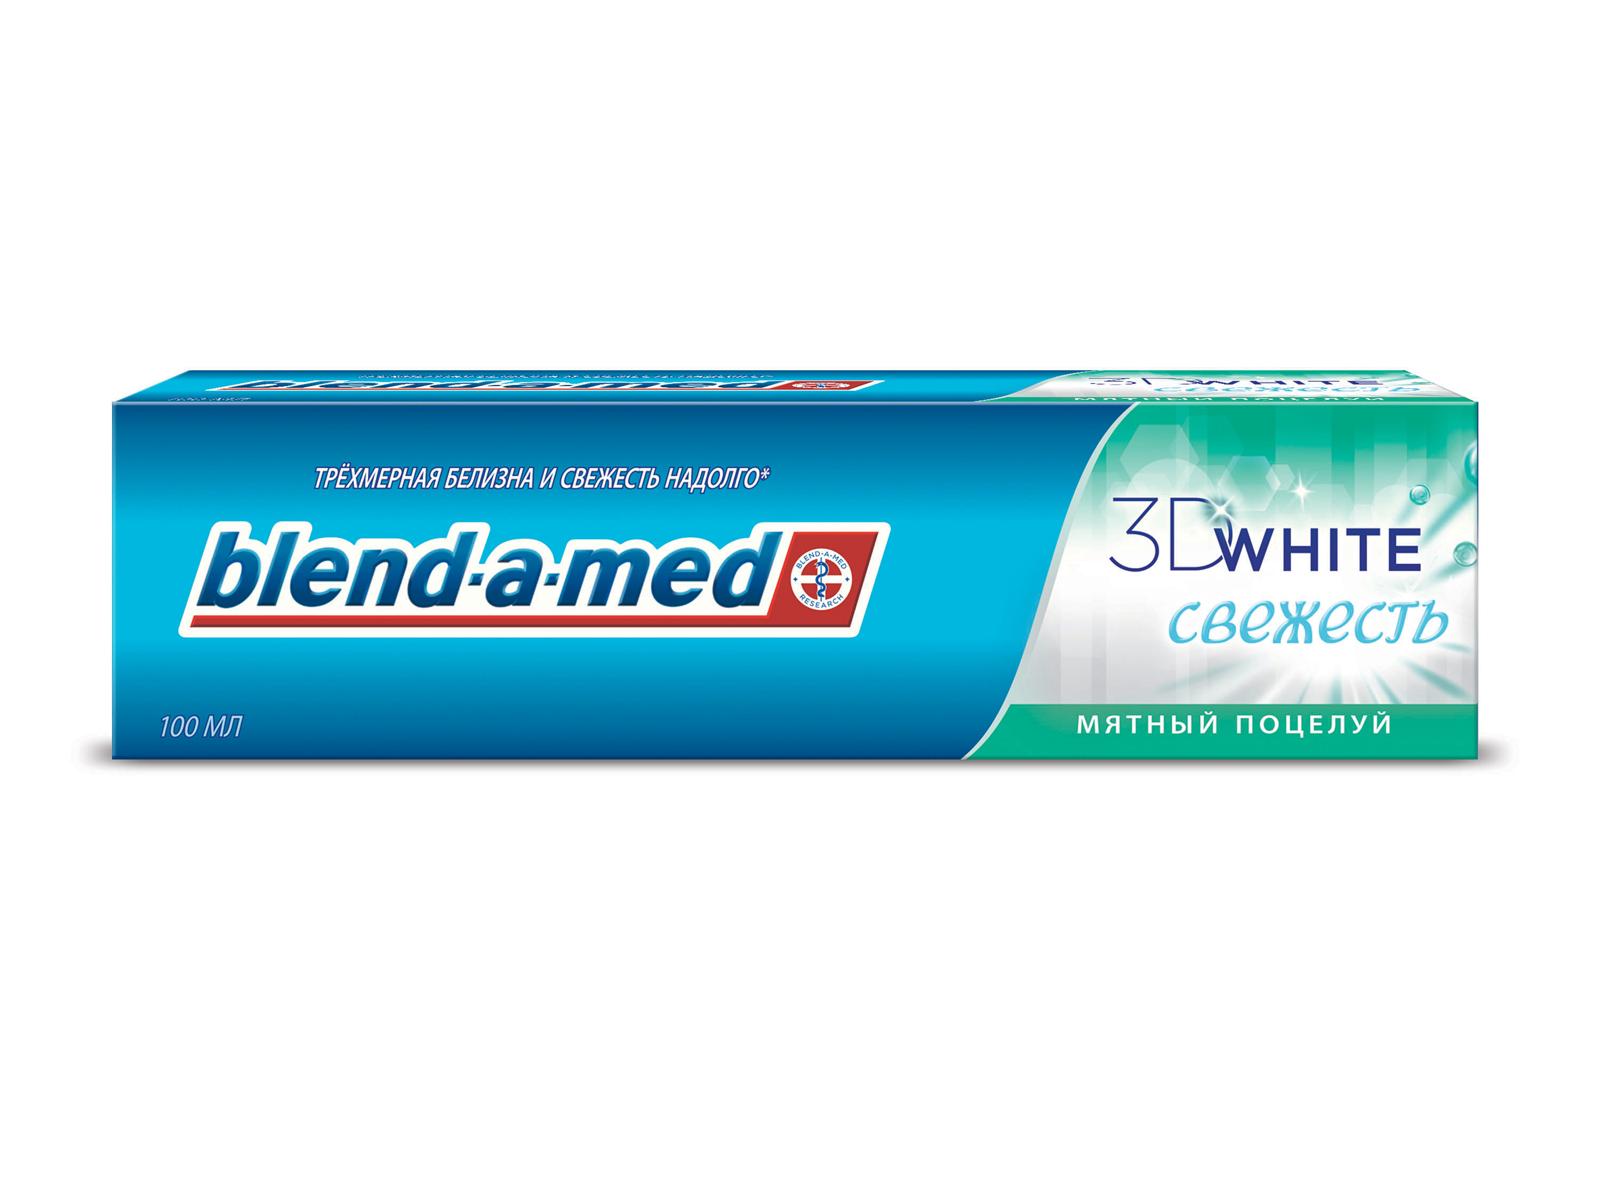 """Blend-a-med Зубная паста """"3D White Свежесть Мятный Поцелуй"""", 100 мл BM-81419622"""